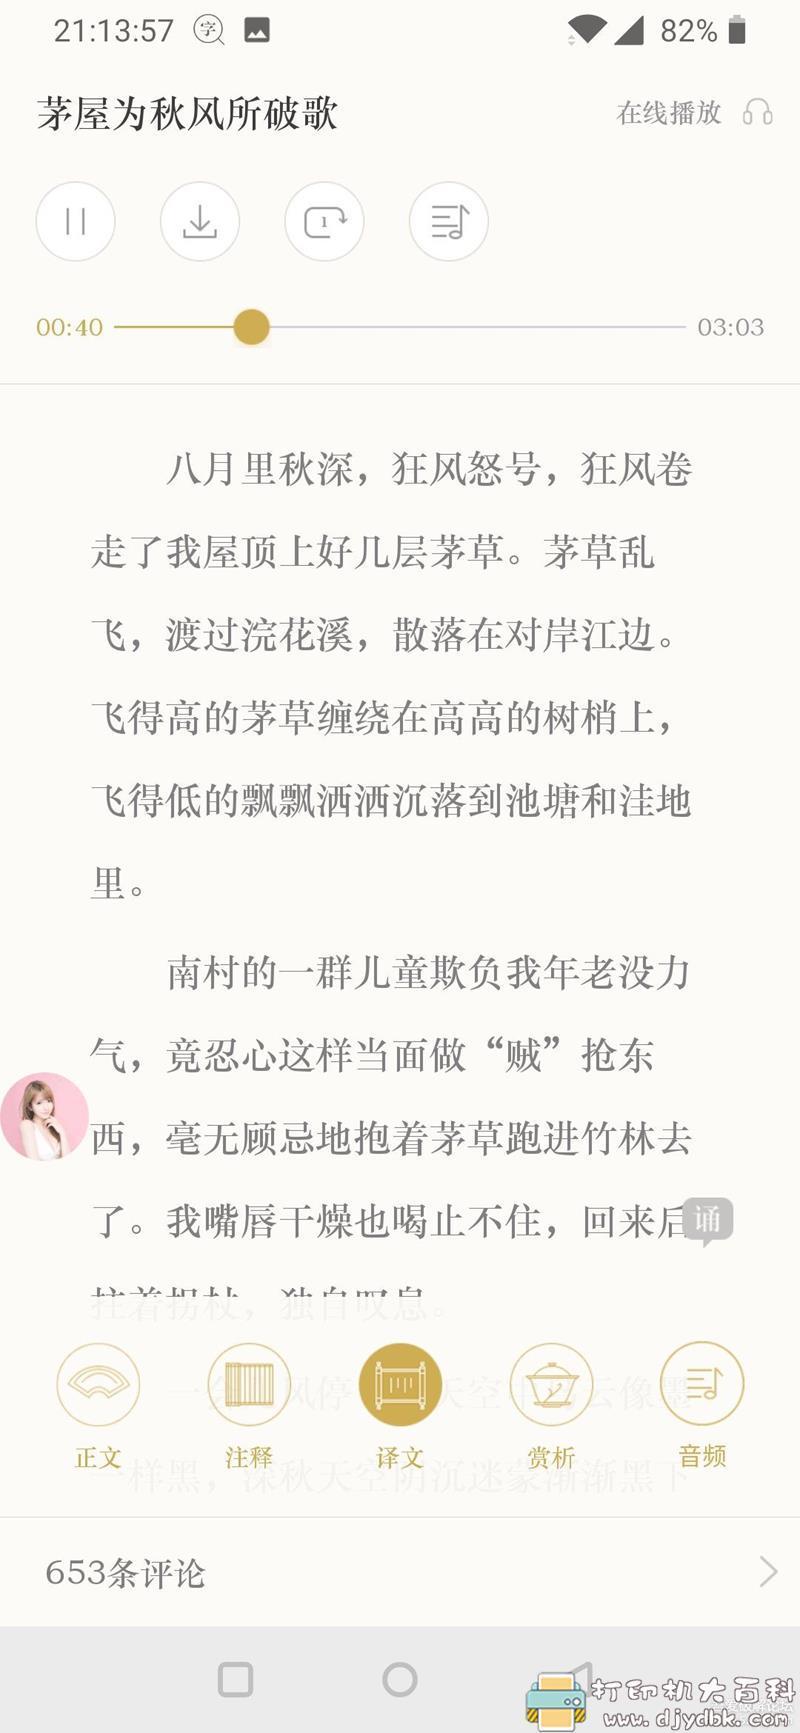 [Android]古诗词典 3.5.6,学生党学诗词辅助工具 配图 No.6